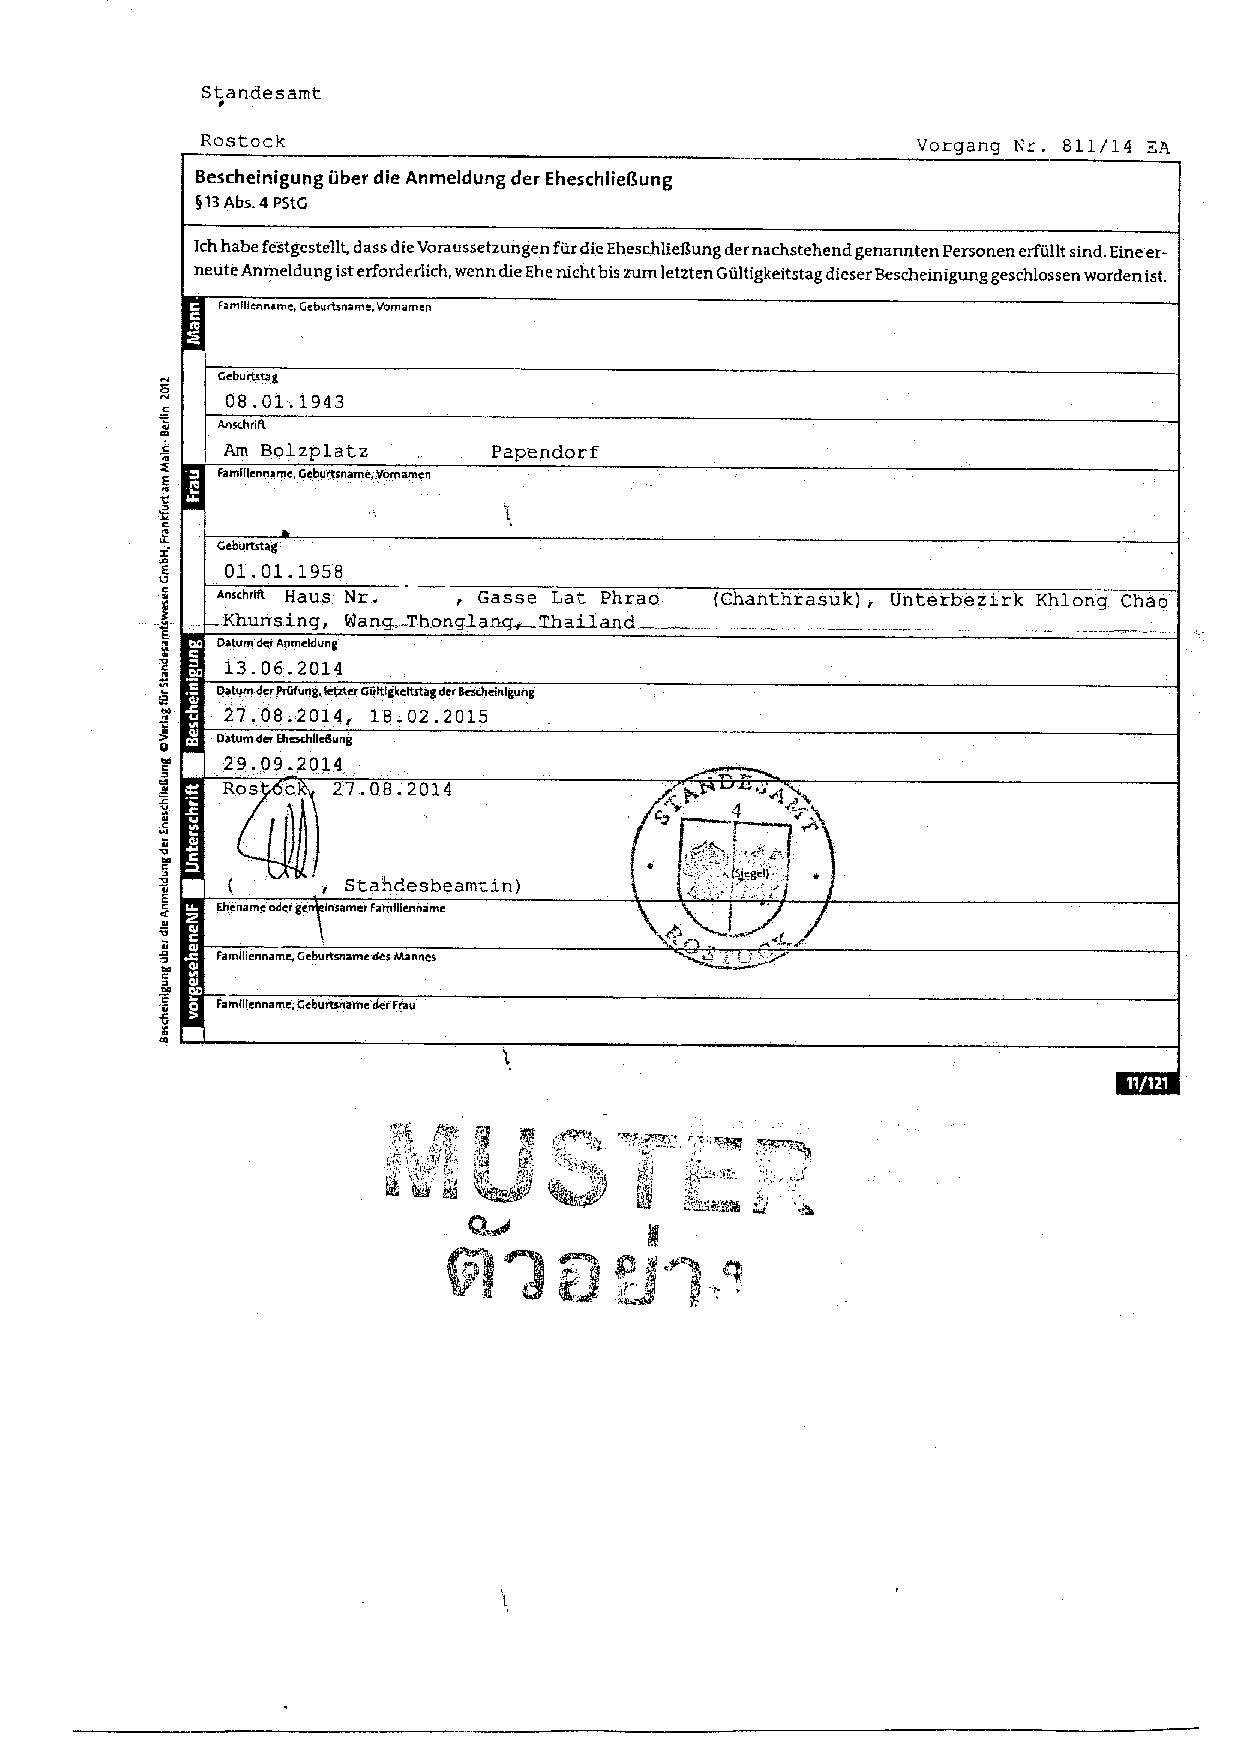 ตัวอย่างใบนัดจดทะเบียนสมรส สำหรับจดทะเบียนสมรสที่เยอรมัน